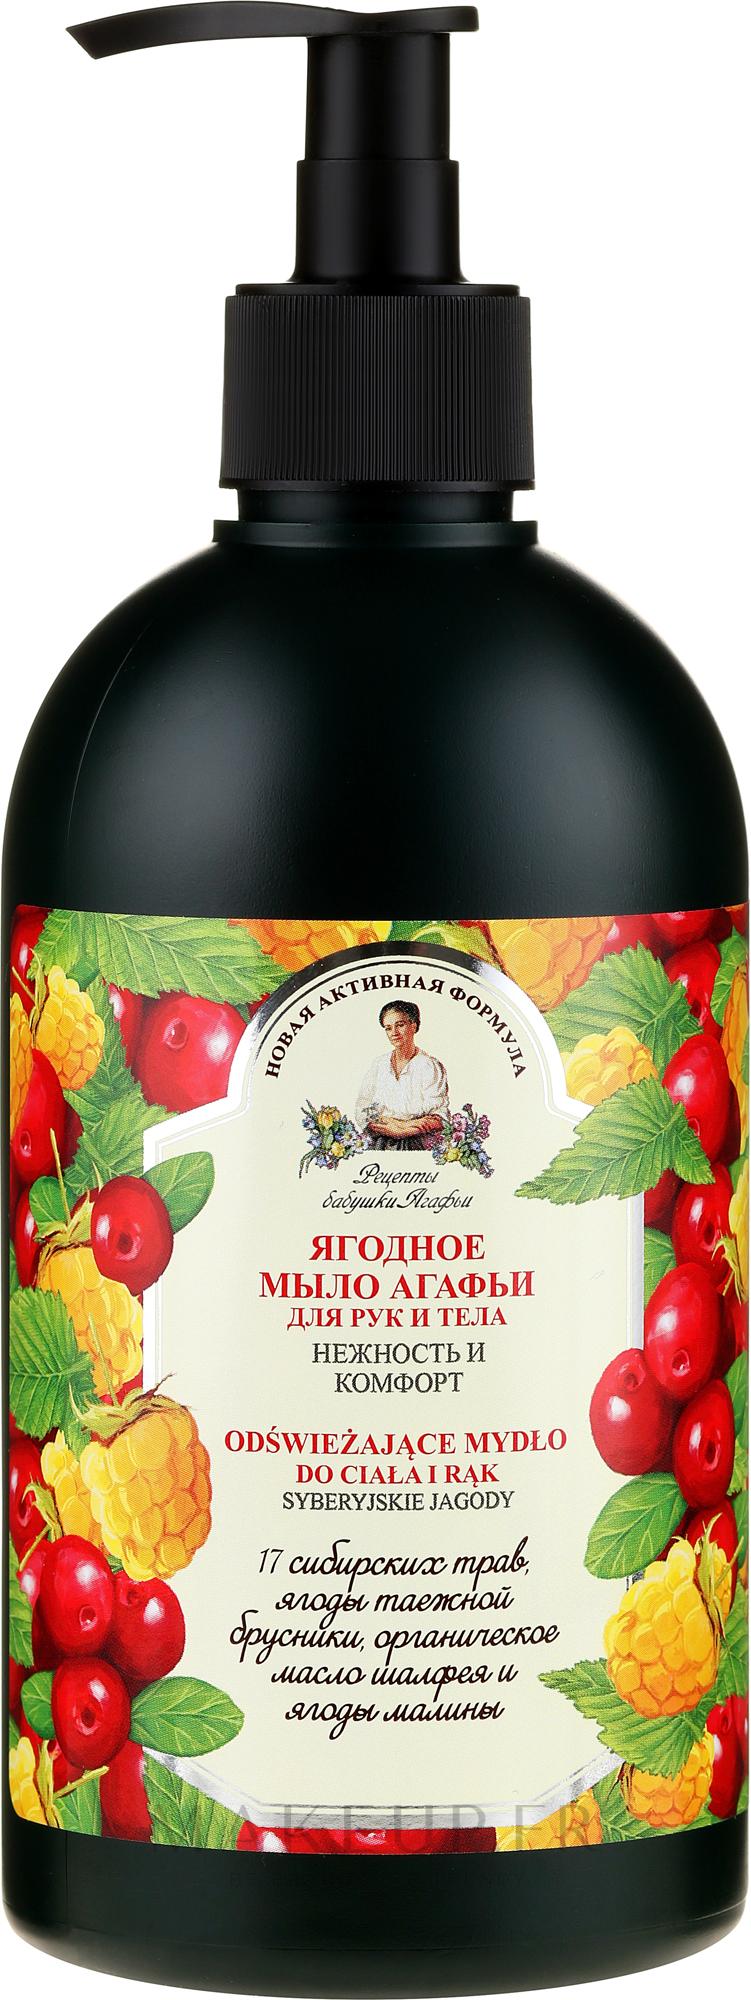 Savon liquide aux fruits de Sibérie pour corps et mains - Les recettes de babouchka Agafia — Photo 500 ml